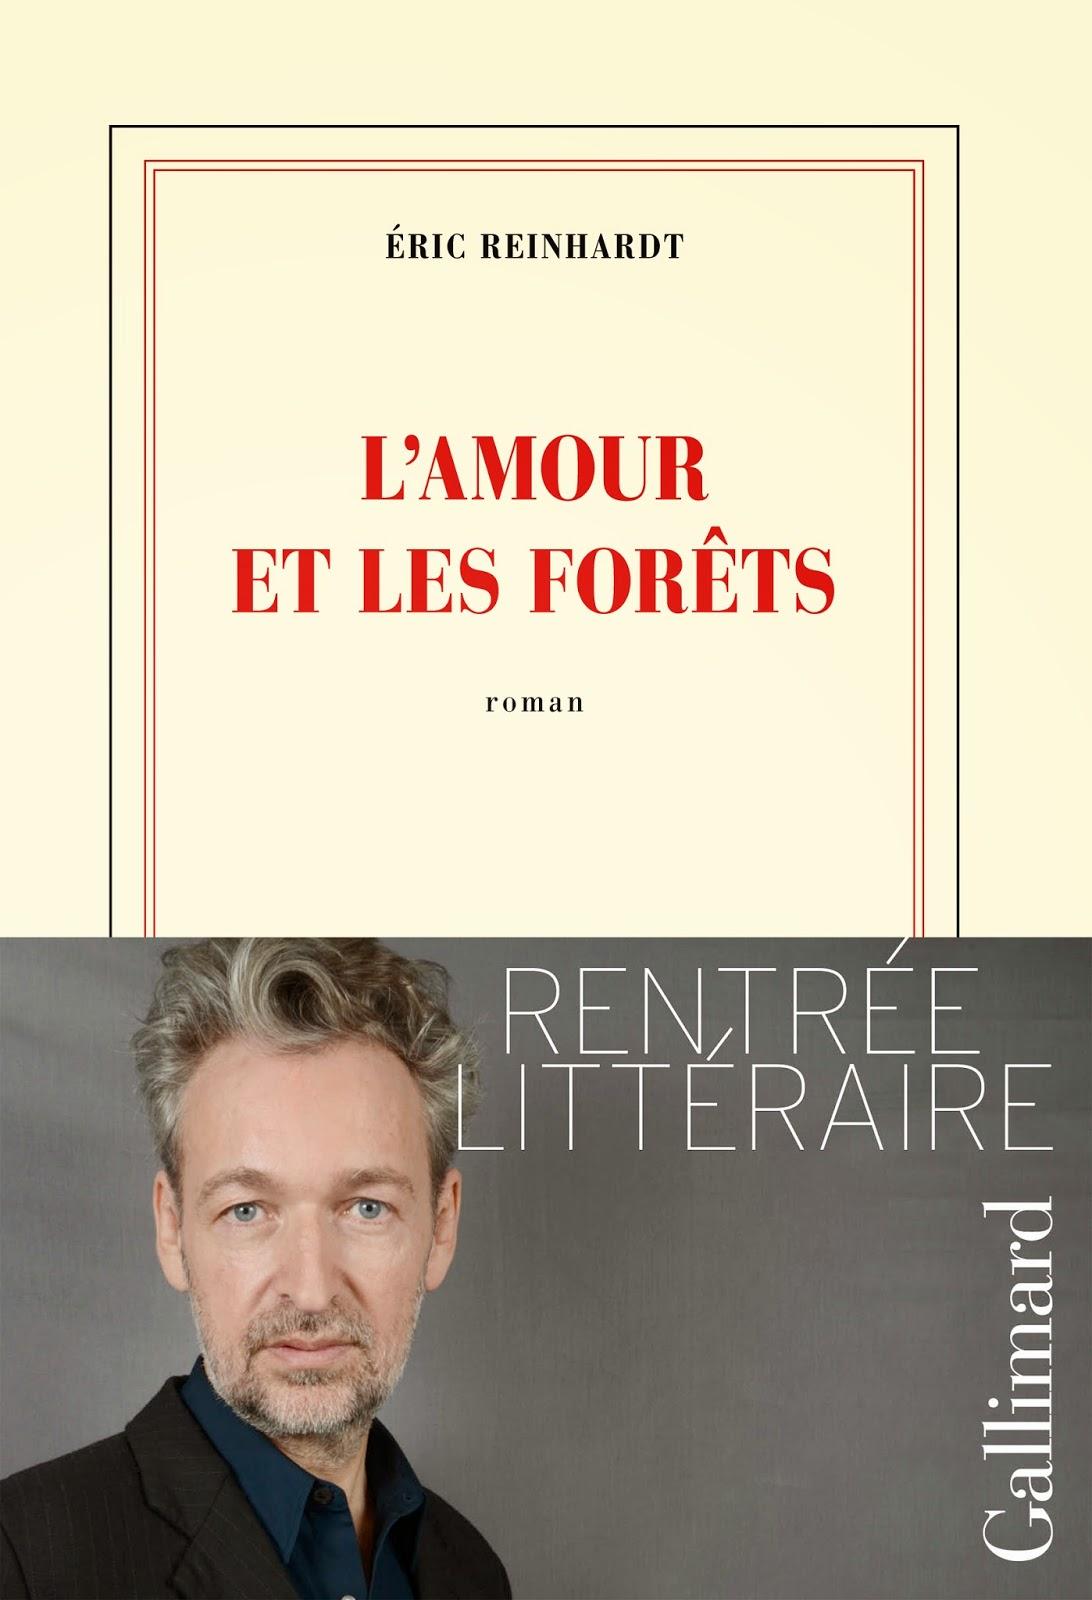 http://les-lectures-de-nebel.blogspot.fr/2014/10/eric-reinhardt-lamour-et-les-forets.html